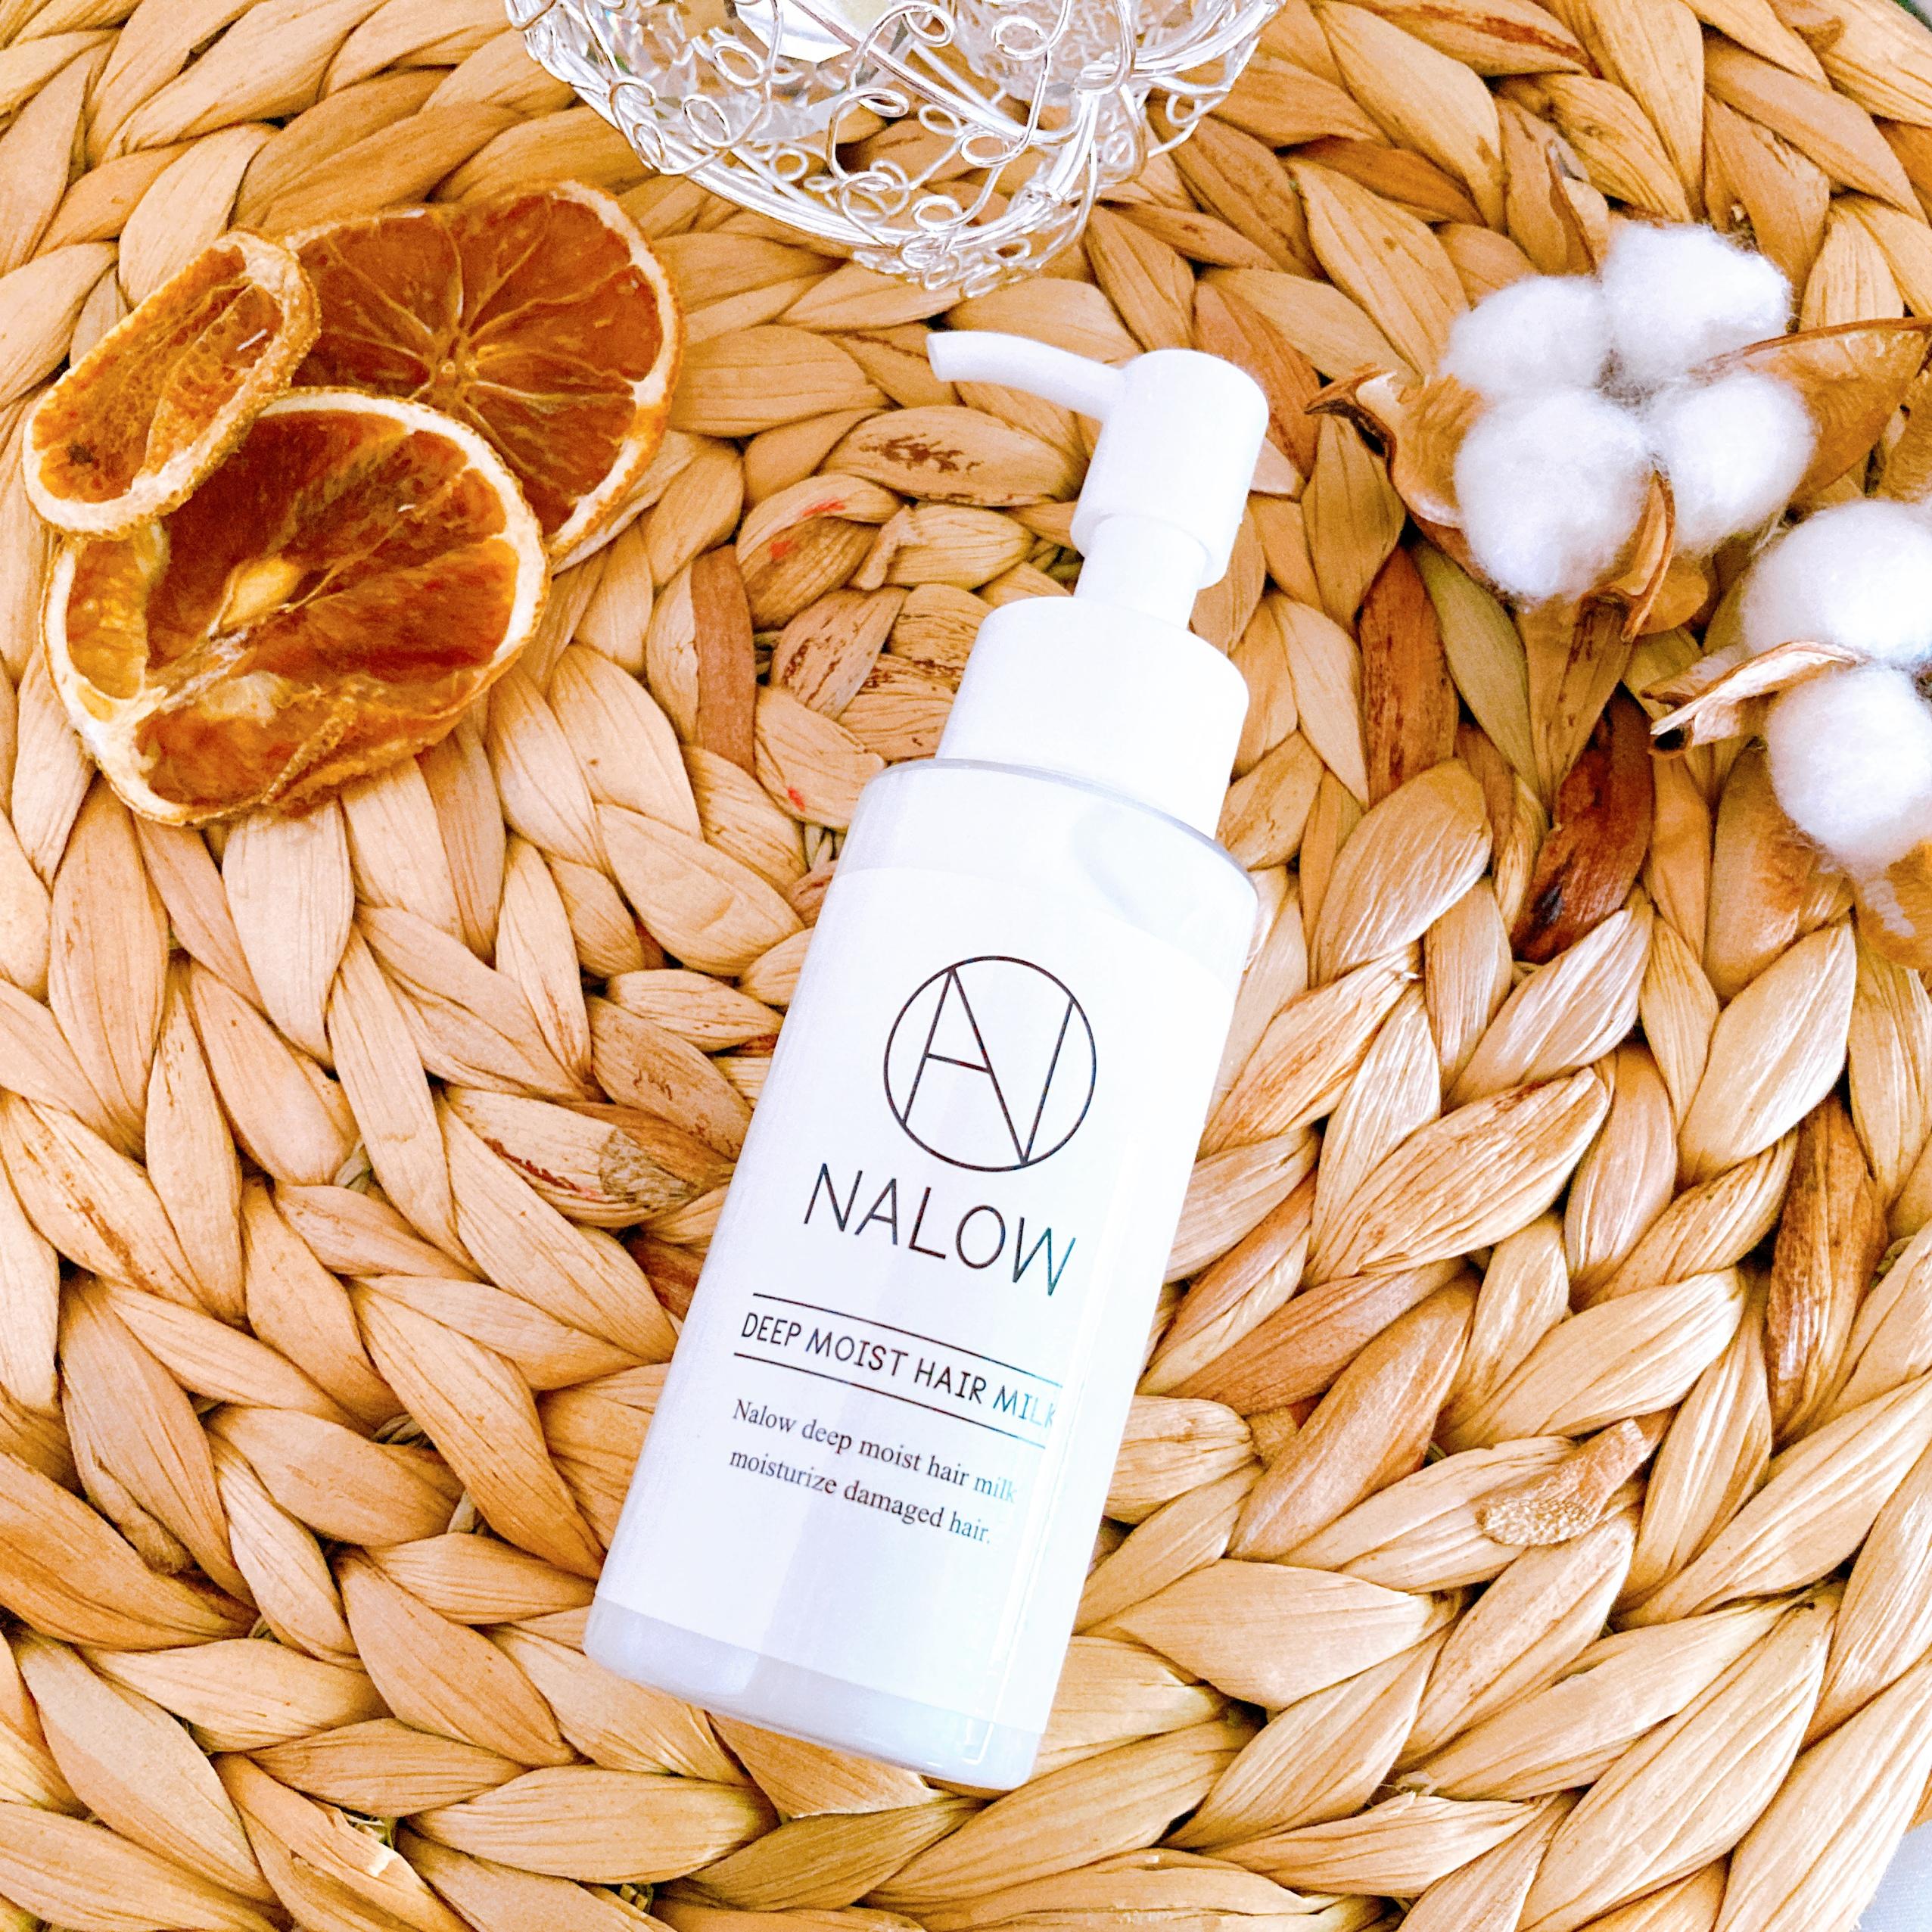 NALOW(ナロウ) ディープモイストヘアミルクの良い点・メリットに関するメグさんの口コミ画像3